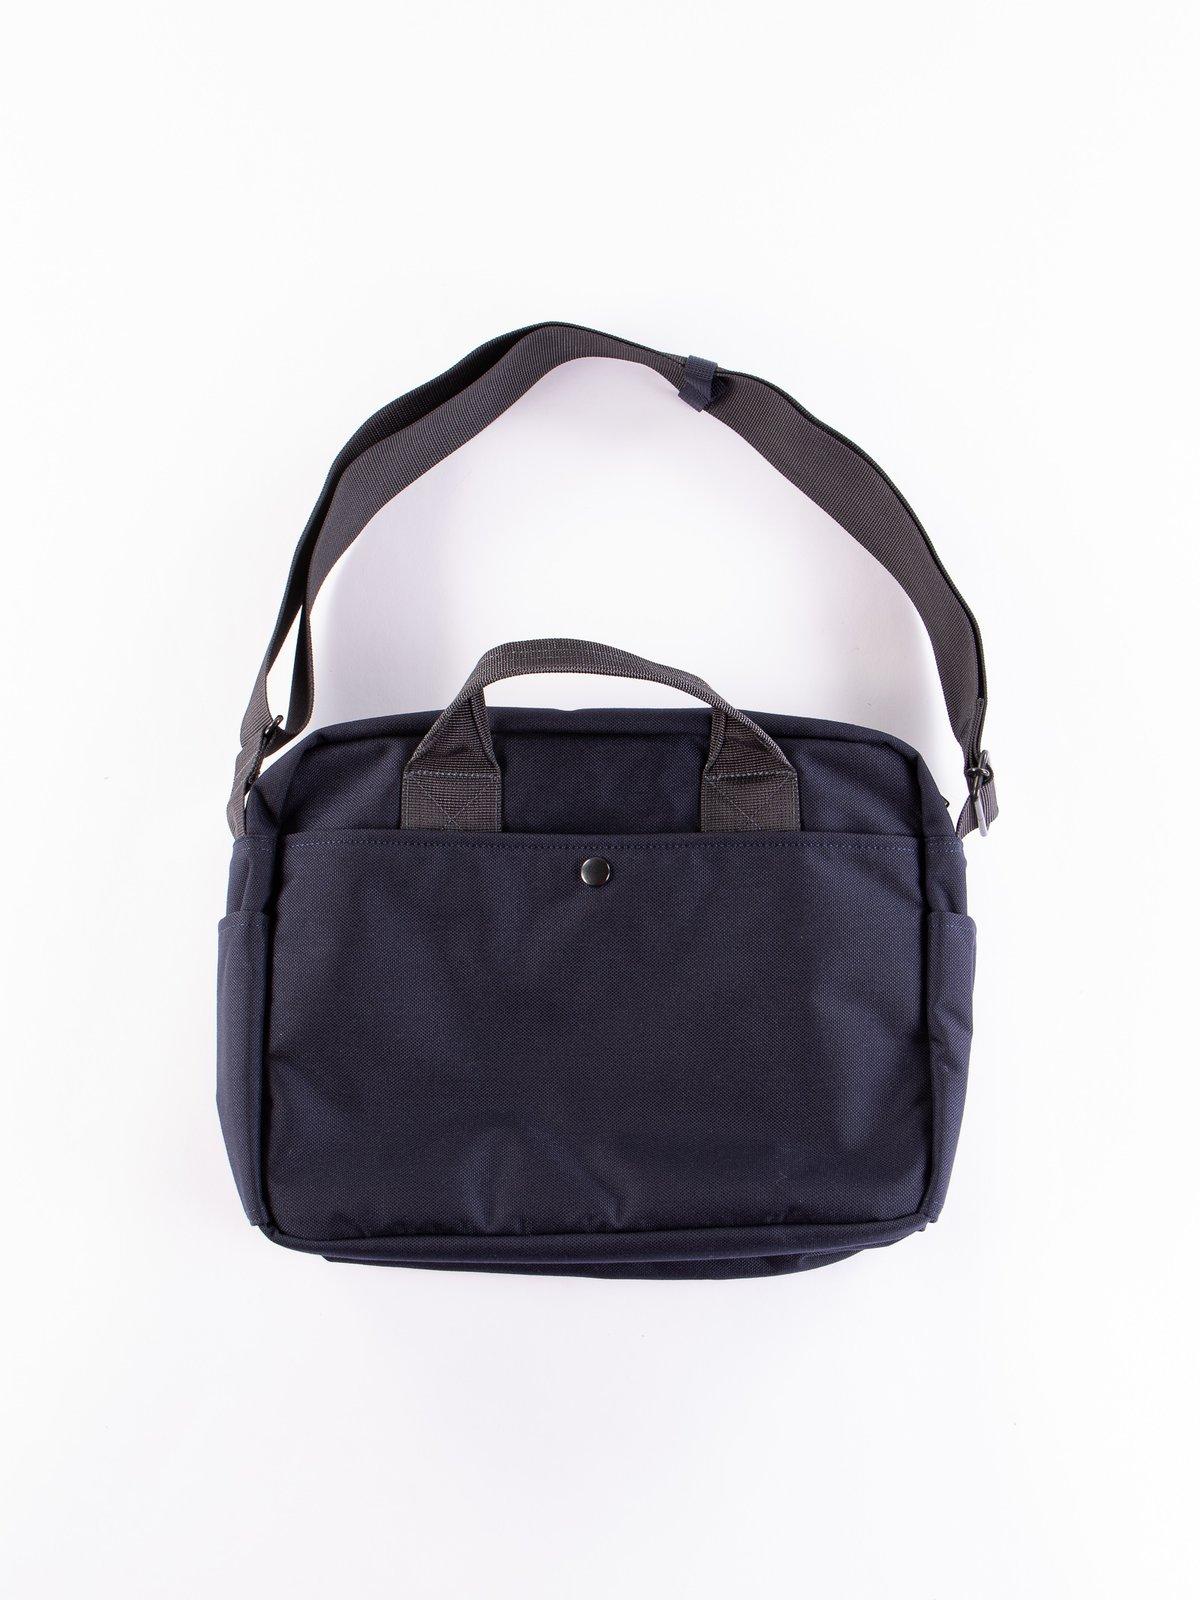 Navy/Black Hype 2Way Shoulder Bag - Image 4